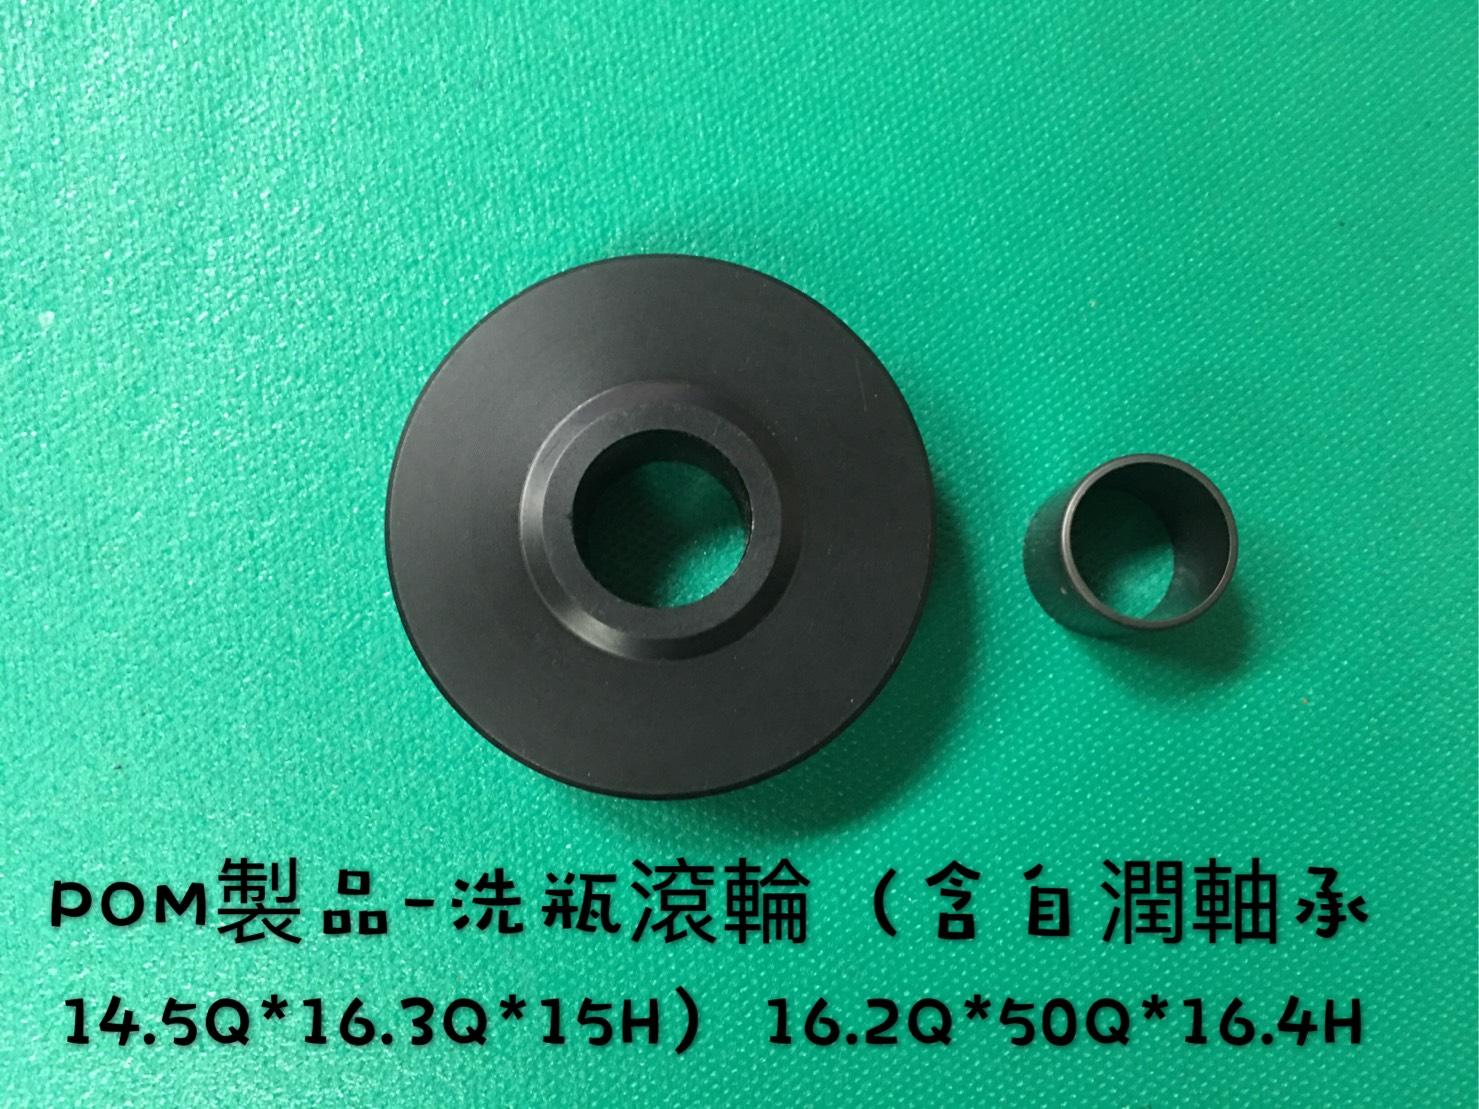 1060103黑松-劉振欽-POM製品-洗瓶滾輪 D108-16.2-50-16.4